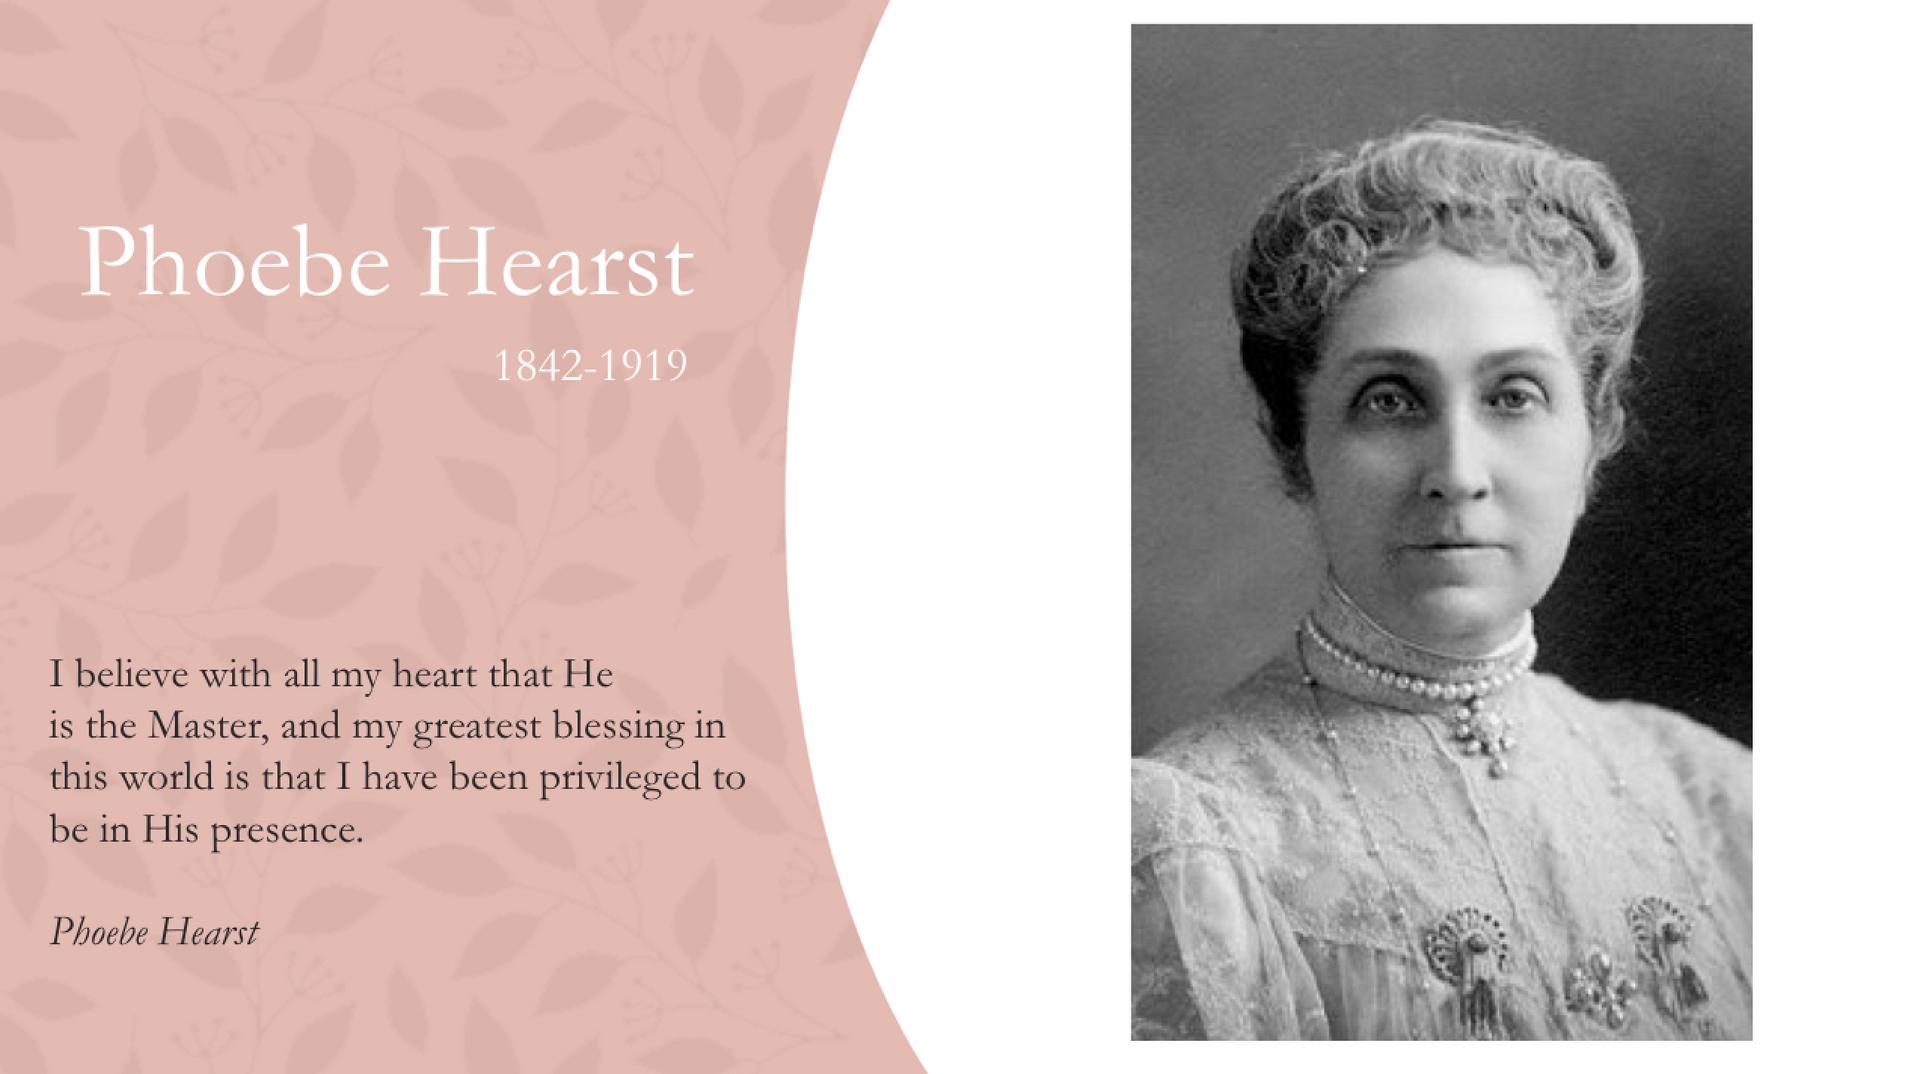 Phoebe Hearst